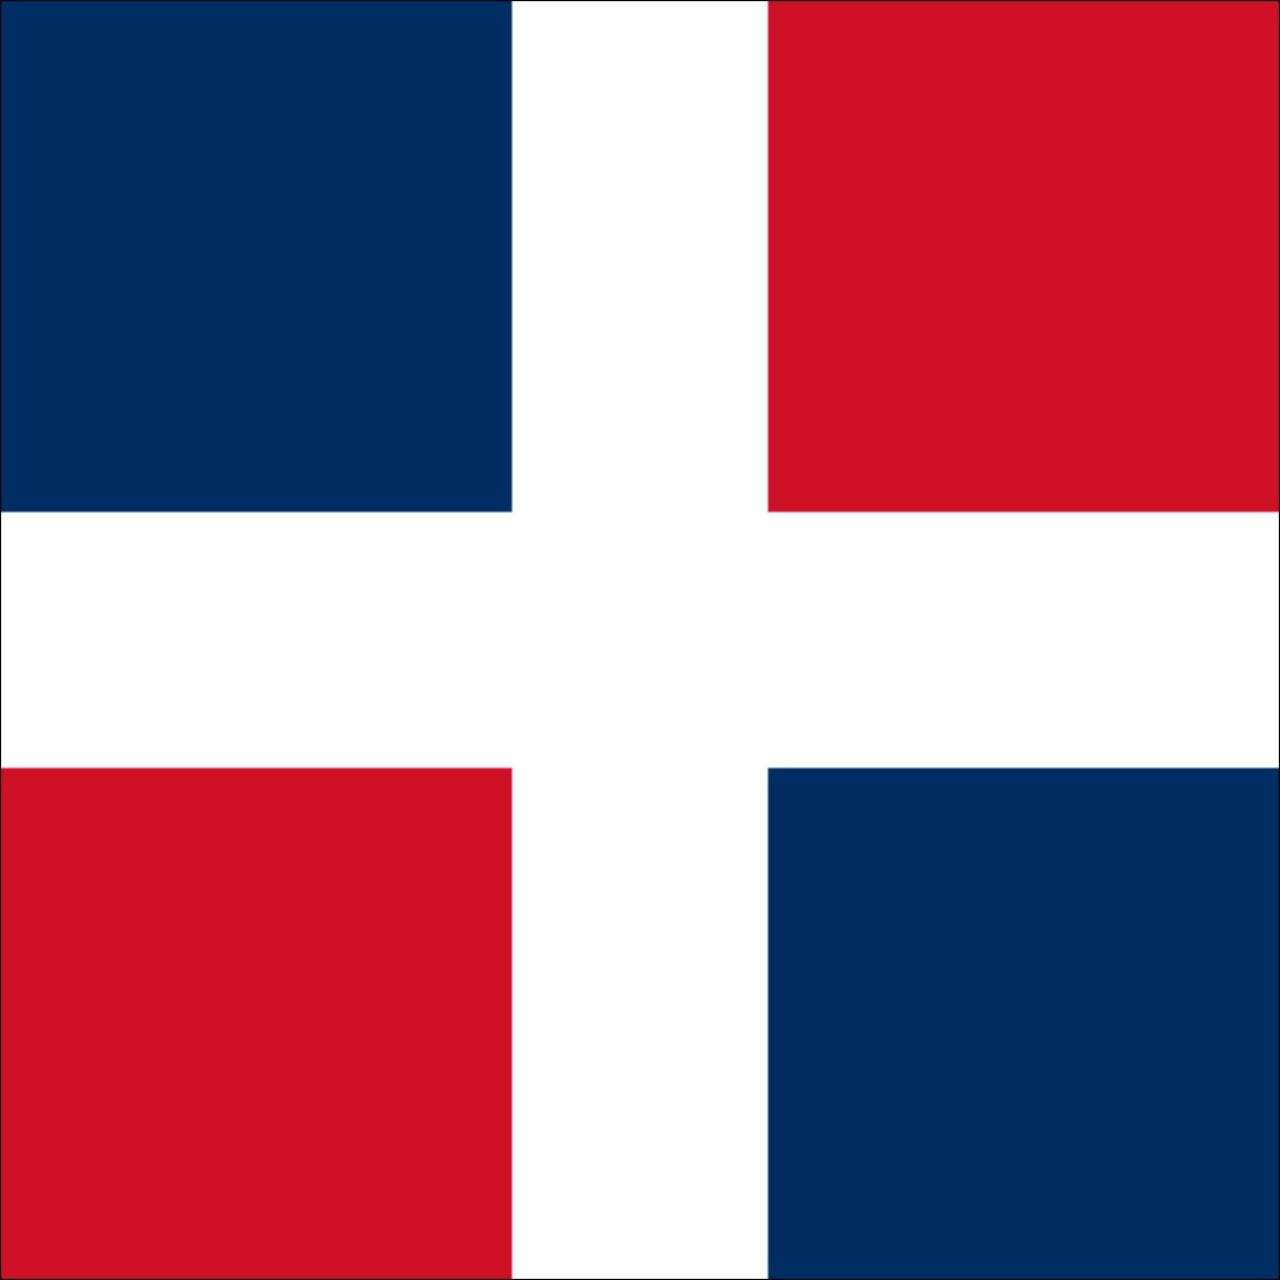 Флаг Доминиканской Республики (Без Герба) - (1м*1.5м)